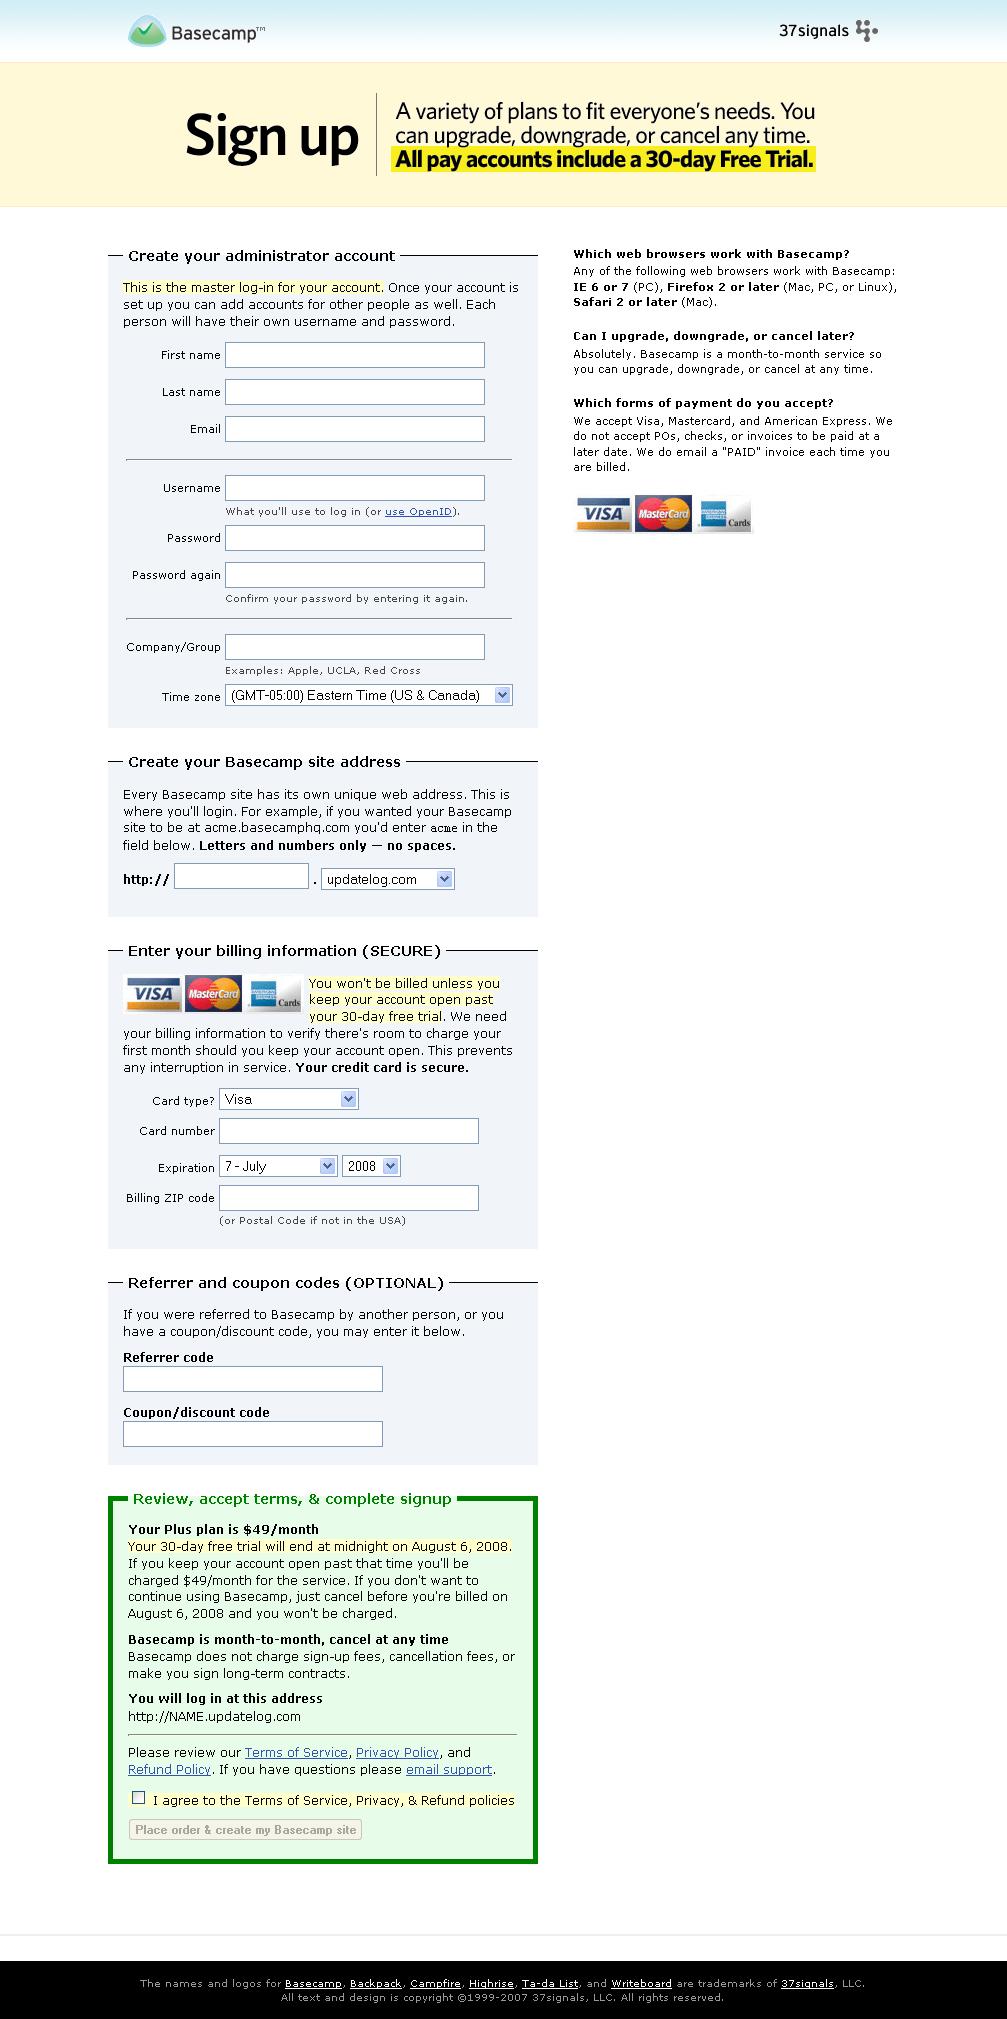 Formulaire web, login = email : Basecamp